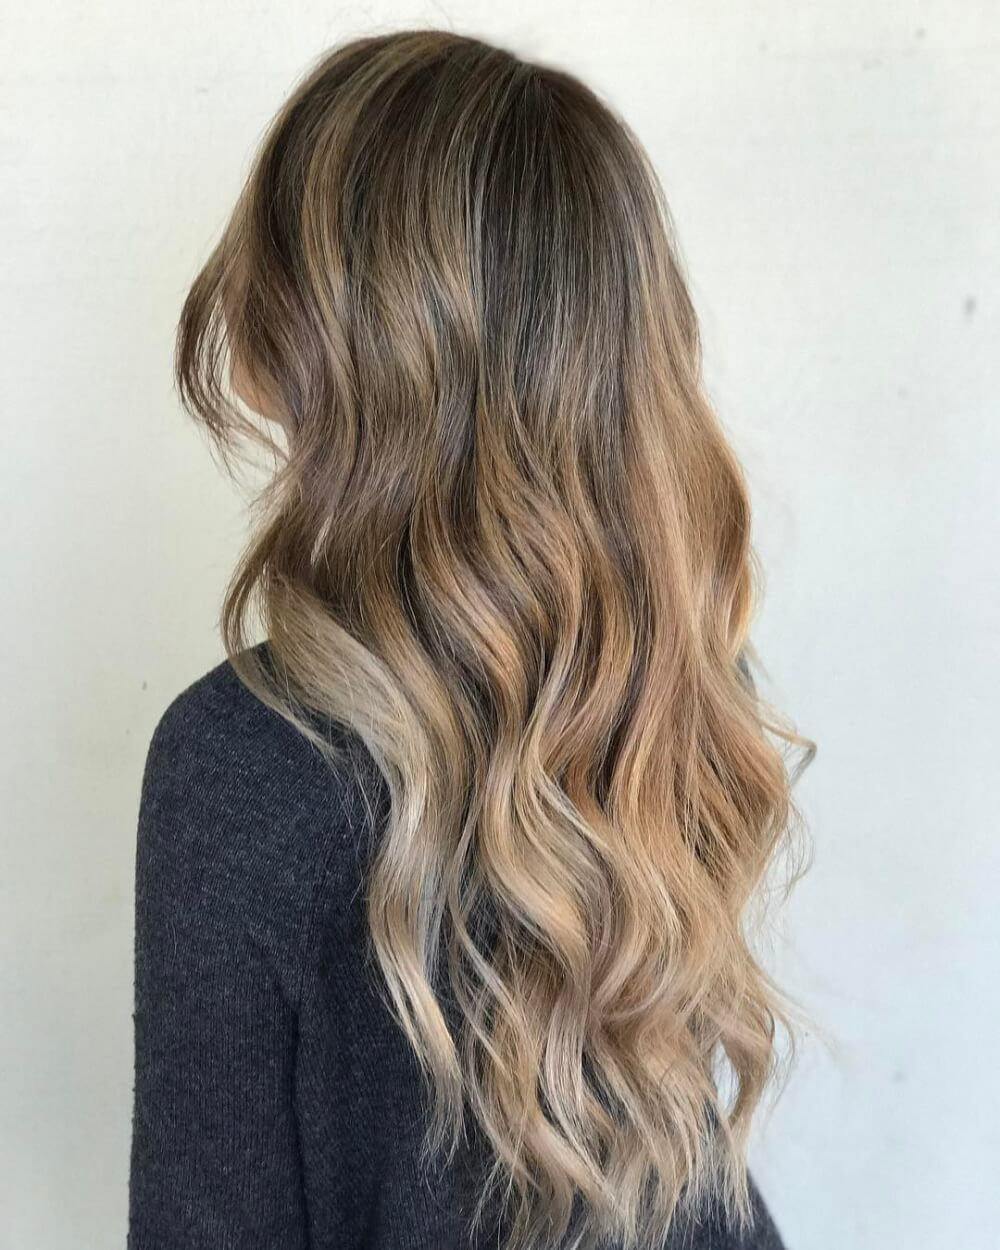 бейбилайтс окрашивание волос фото бричковская